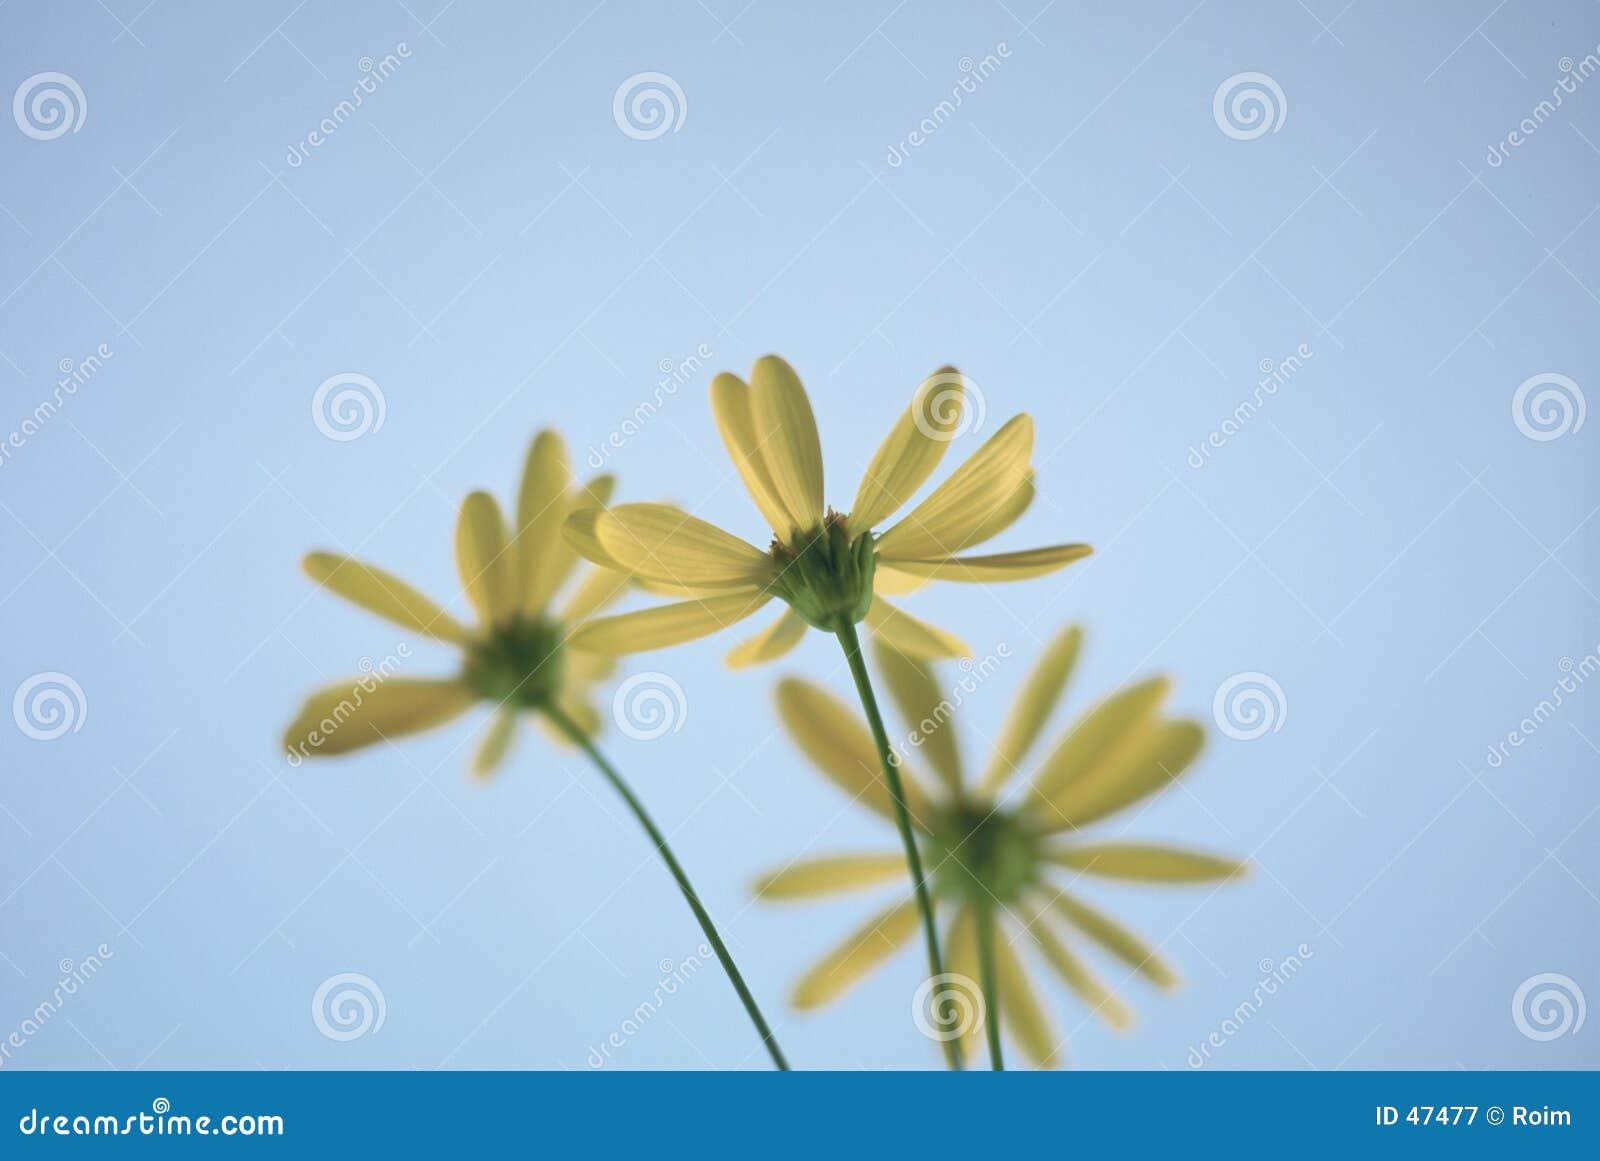 Bottom of daisies